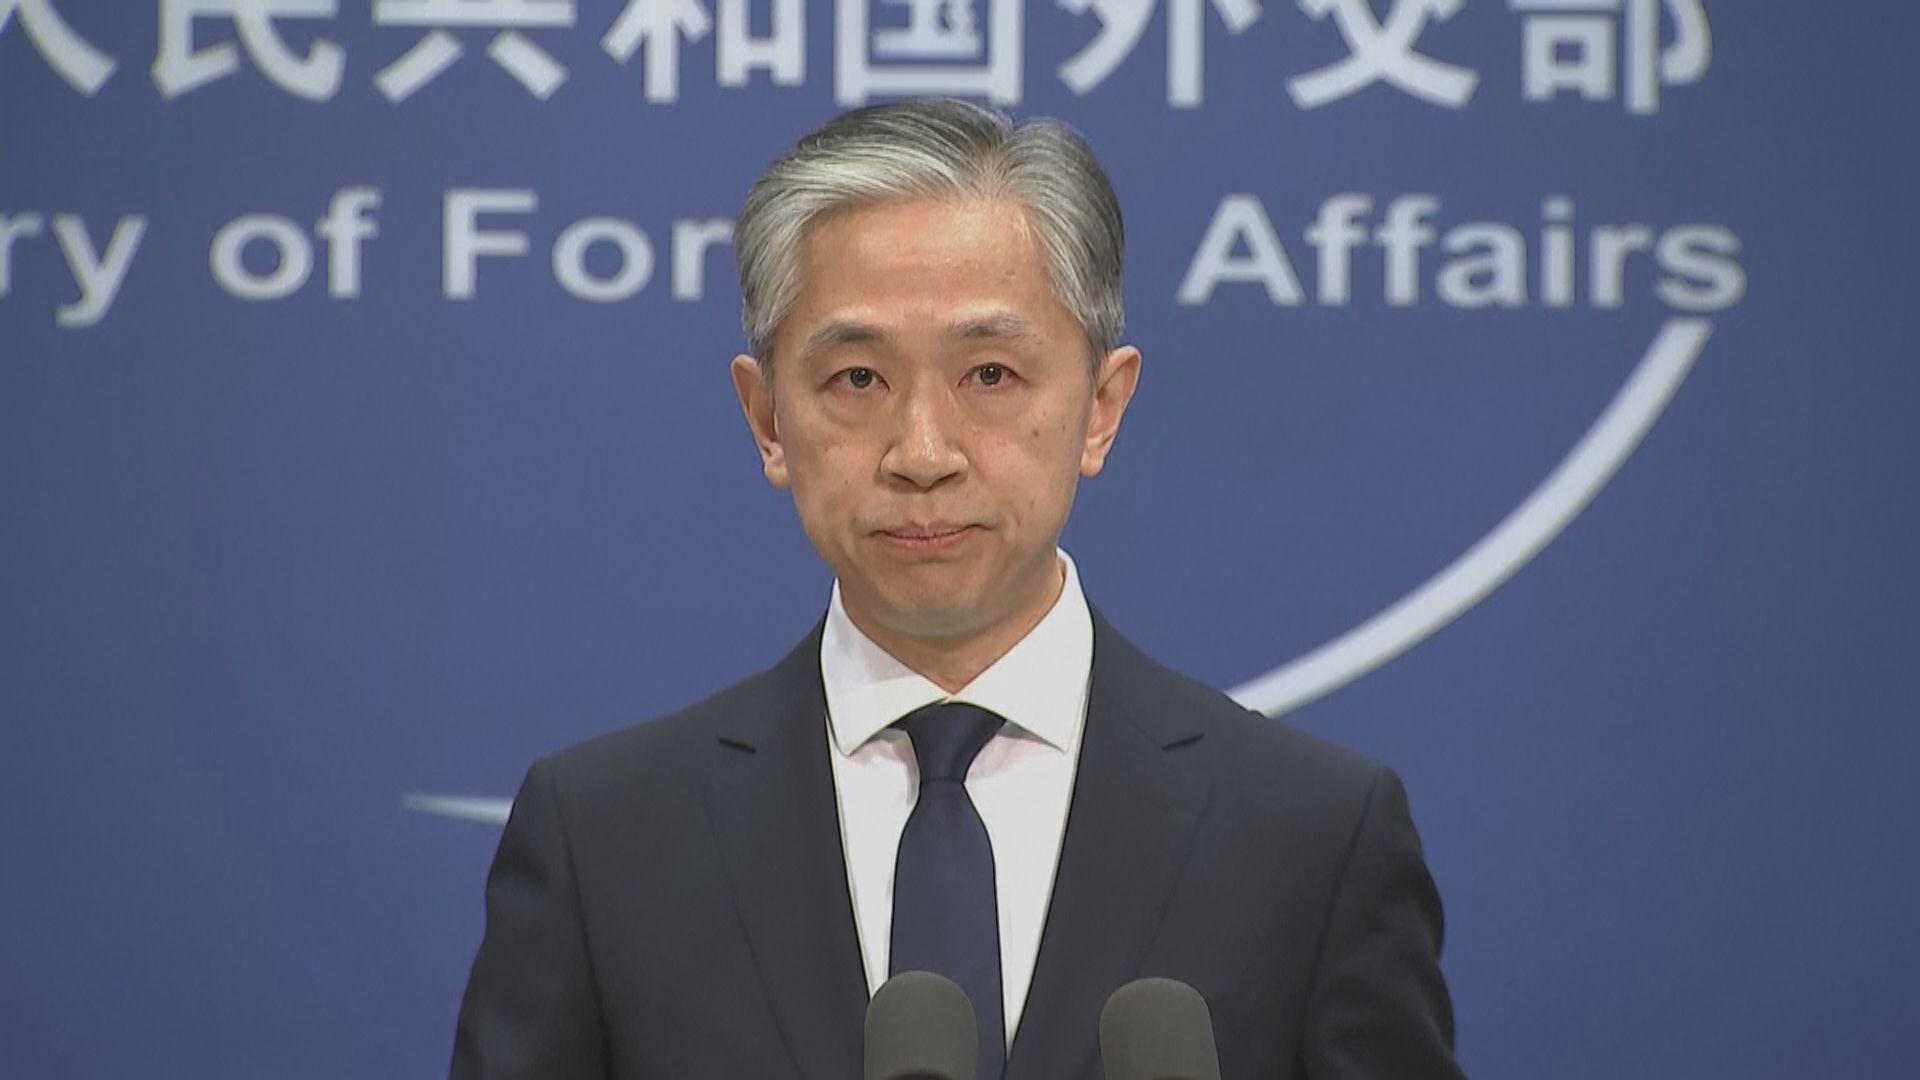 外交部批評英澳等西方國家雙重標準 已提出嚴正交涉